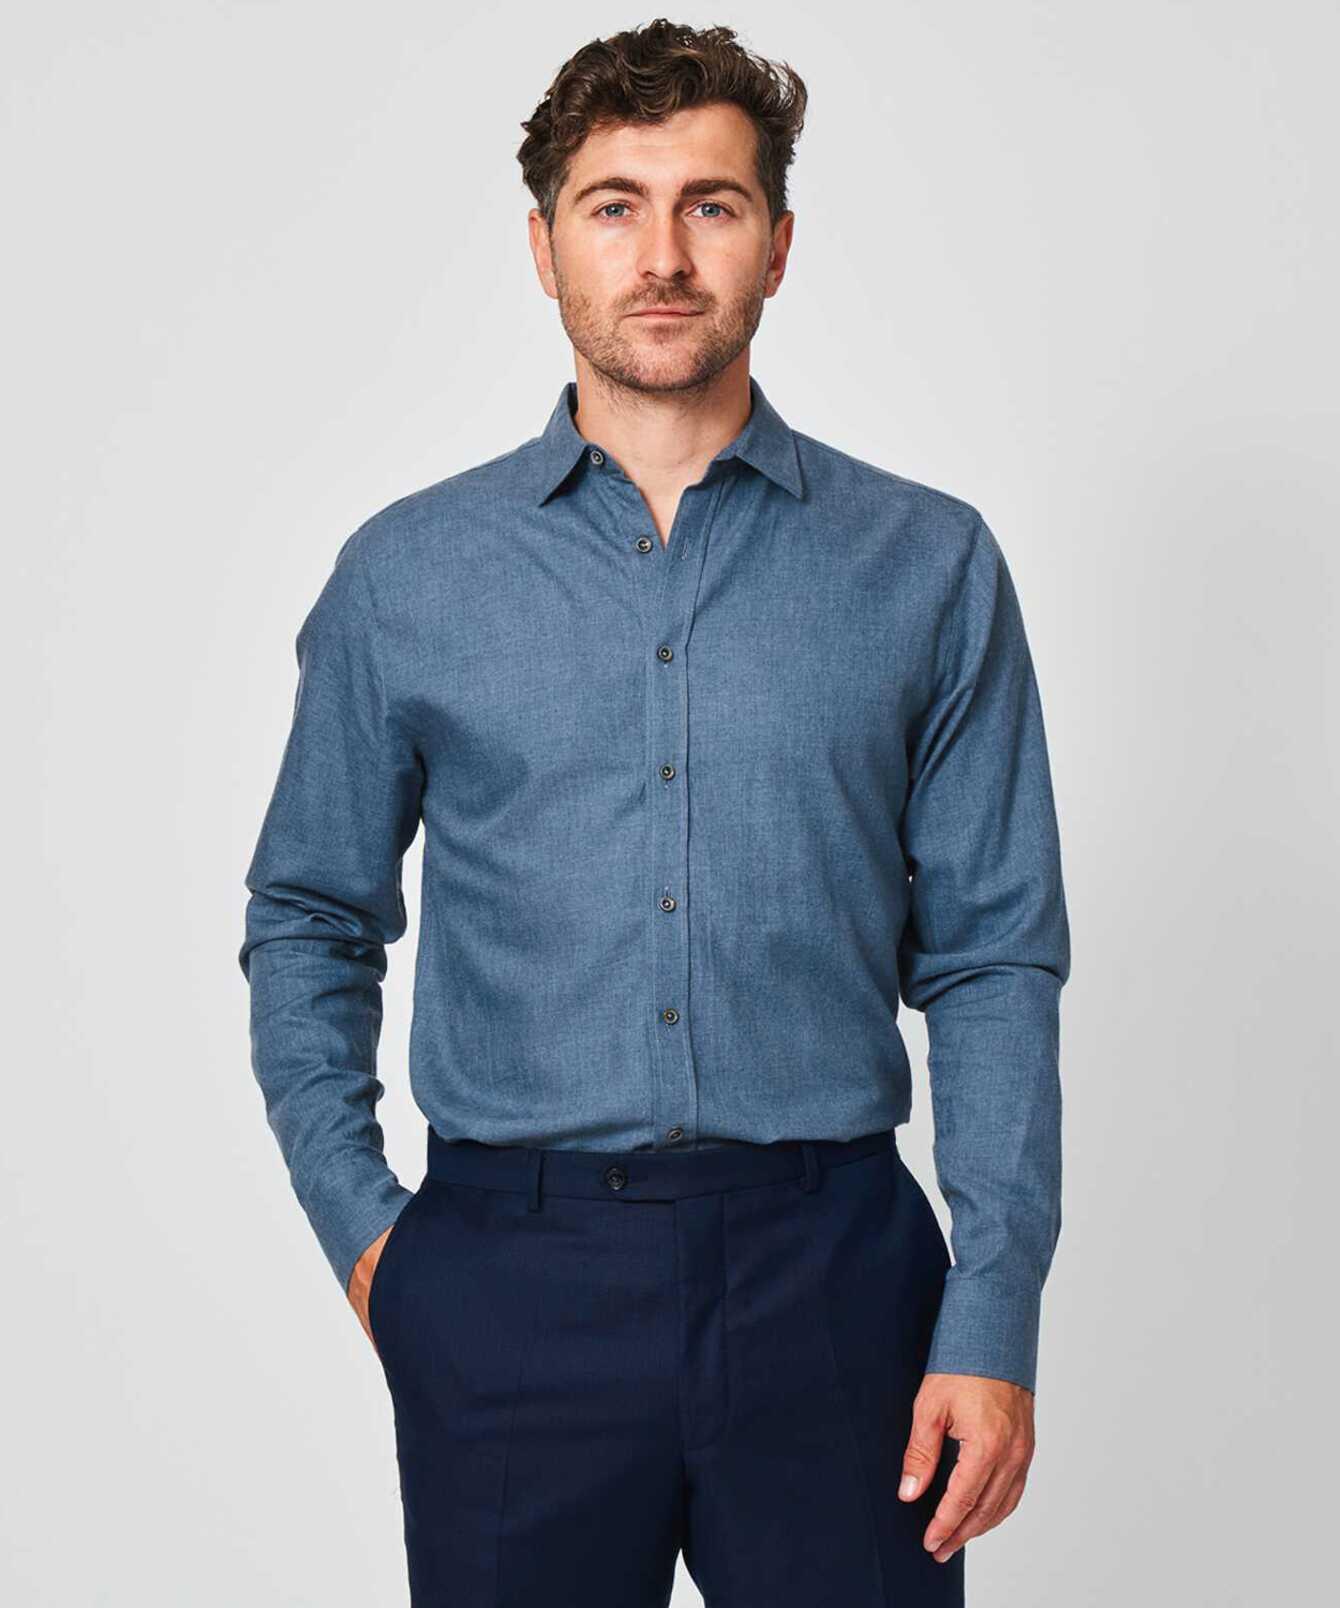 Skjorta Costello Ljusblå The Shirt Factory